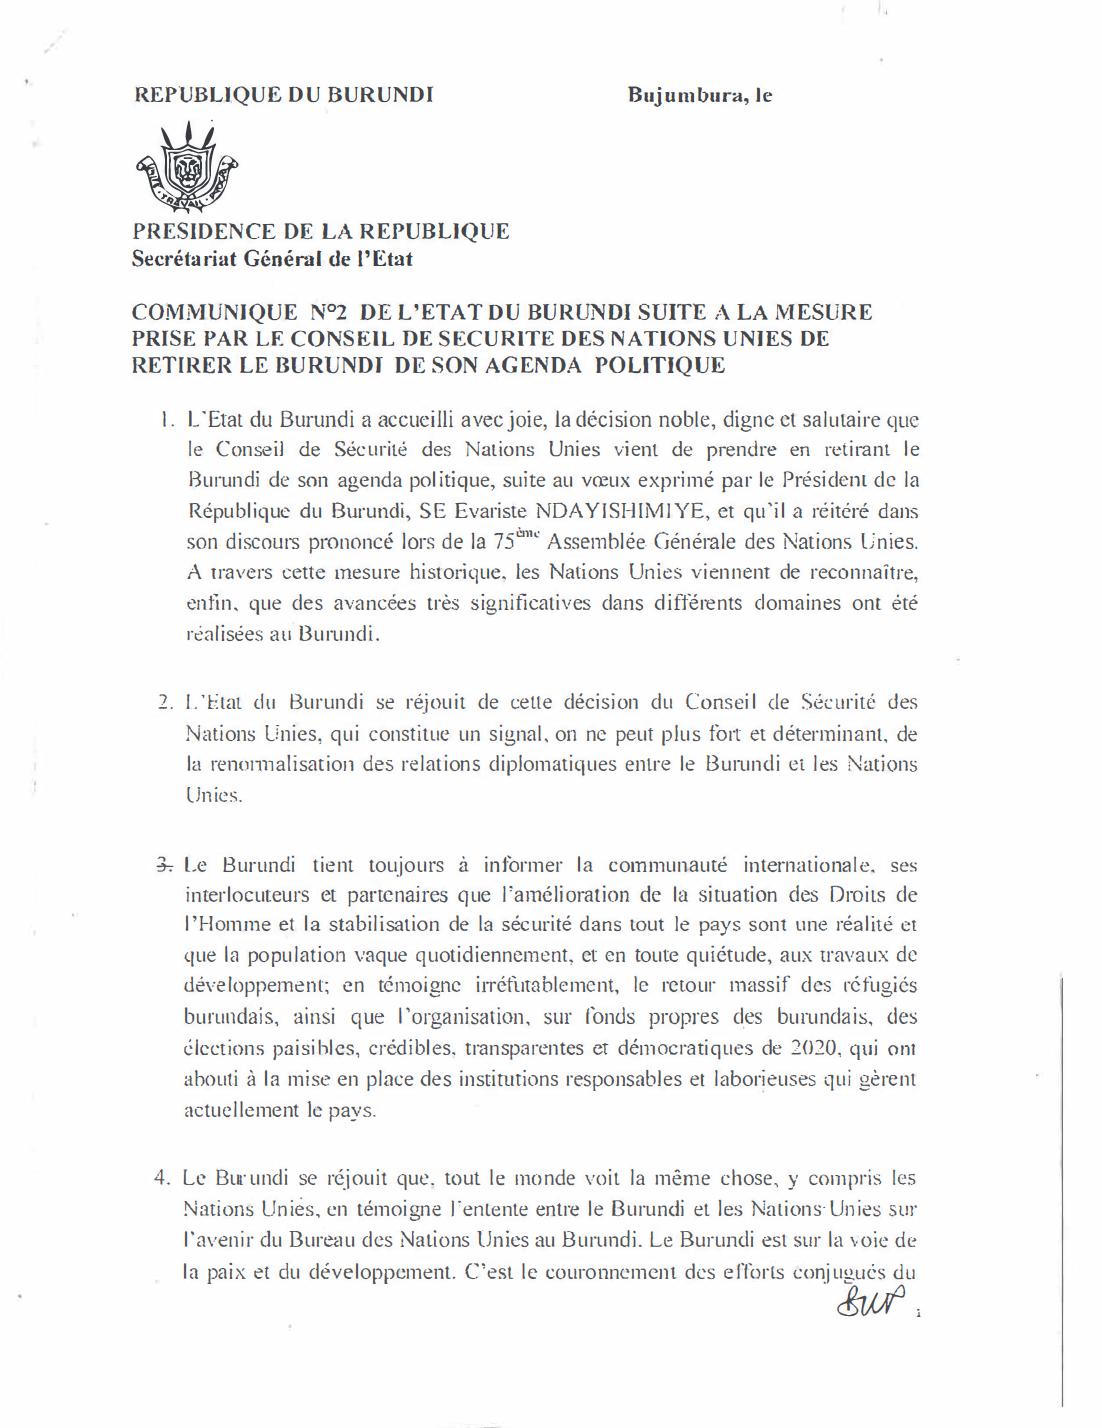 Communiqué N°2 de L'Etat du Burundi Suite a la Mesure Prise par le Conseil de Sécurité des Nations Unies de Retirer le Burundi de son Agenda Politique